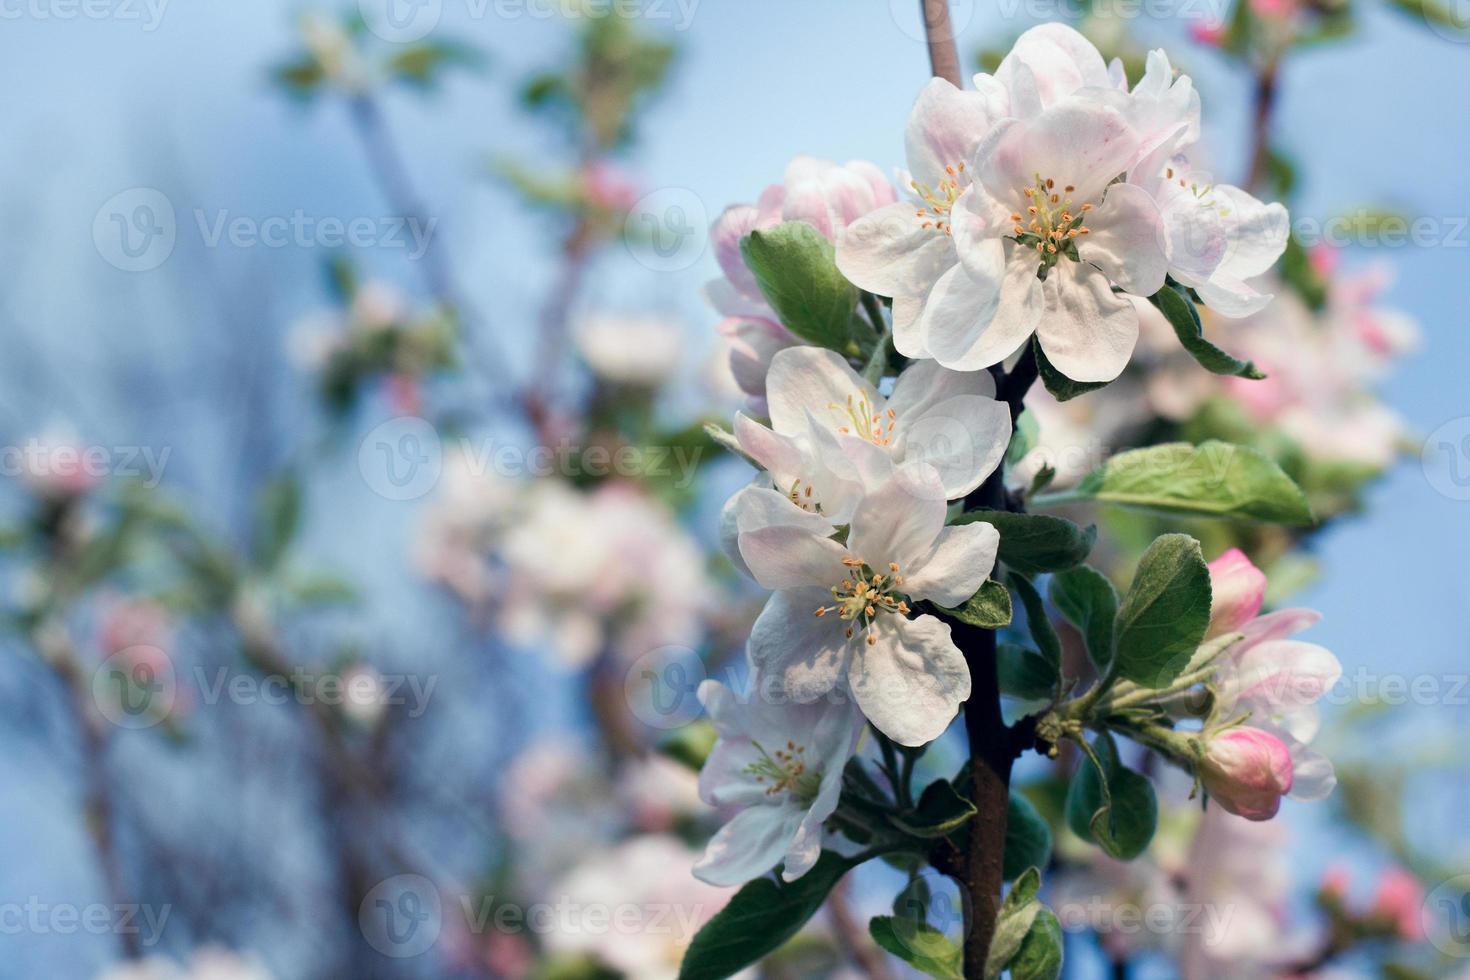 pommier en fleurs. image aux couleurs chaudes photo